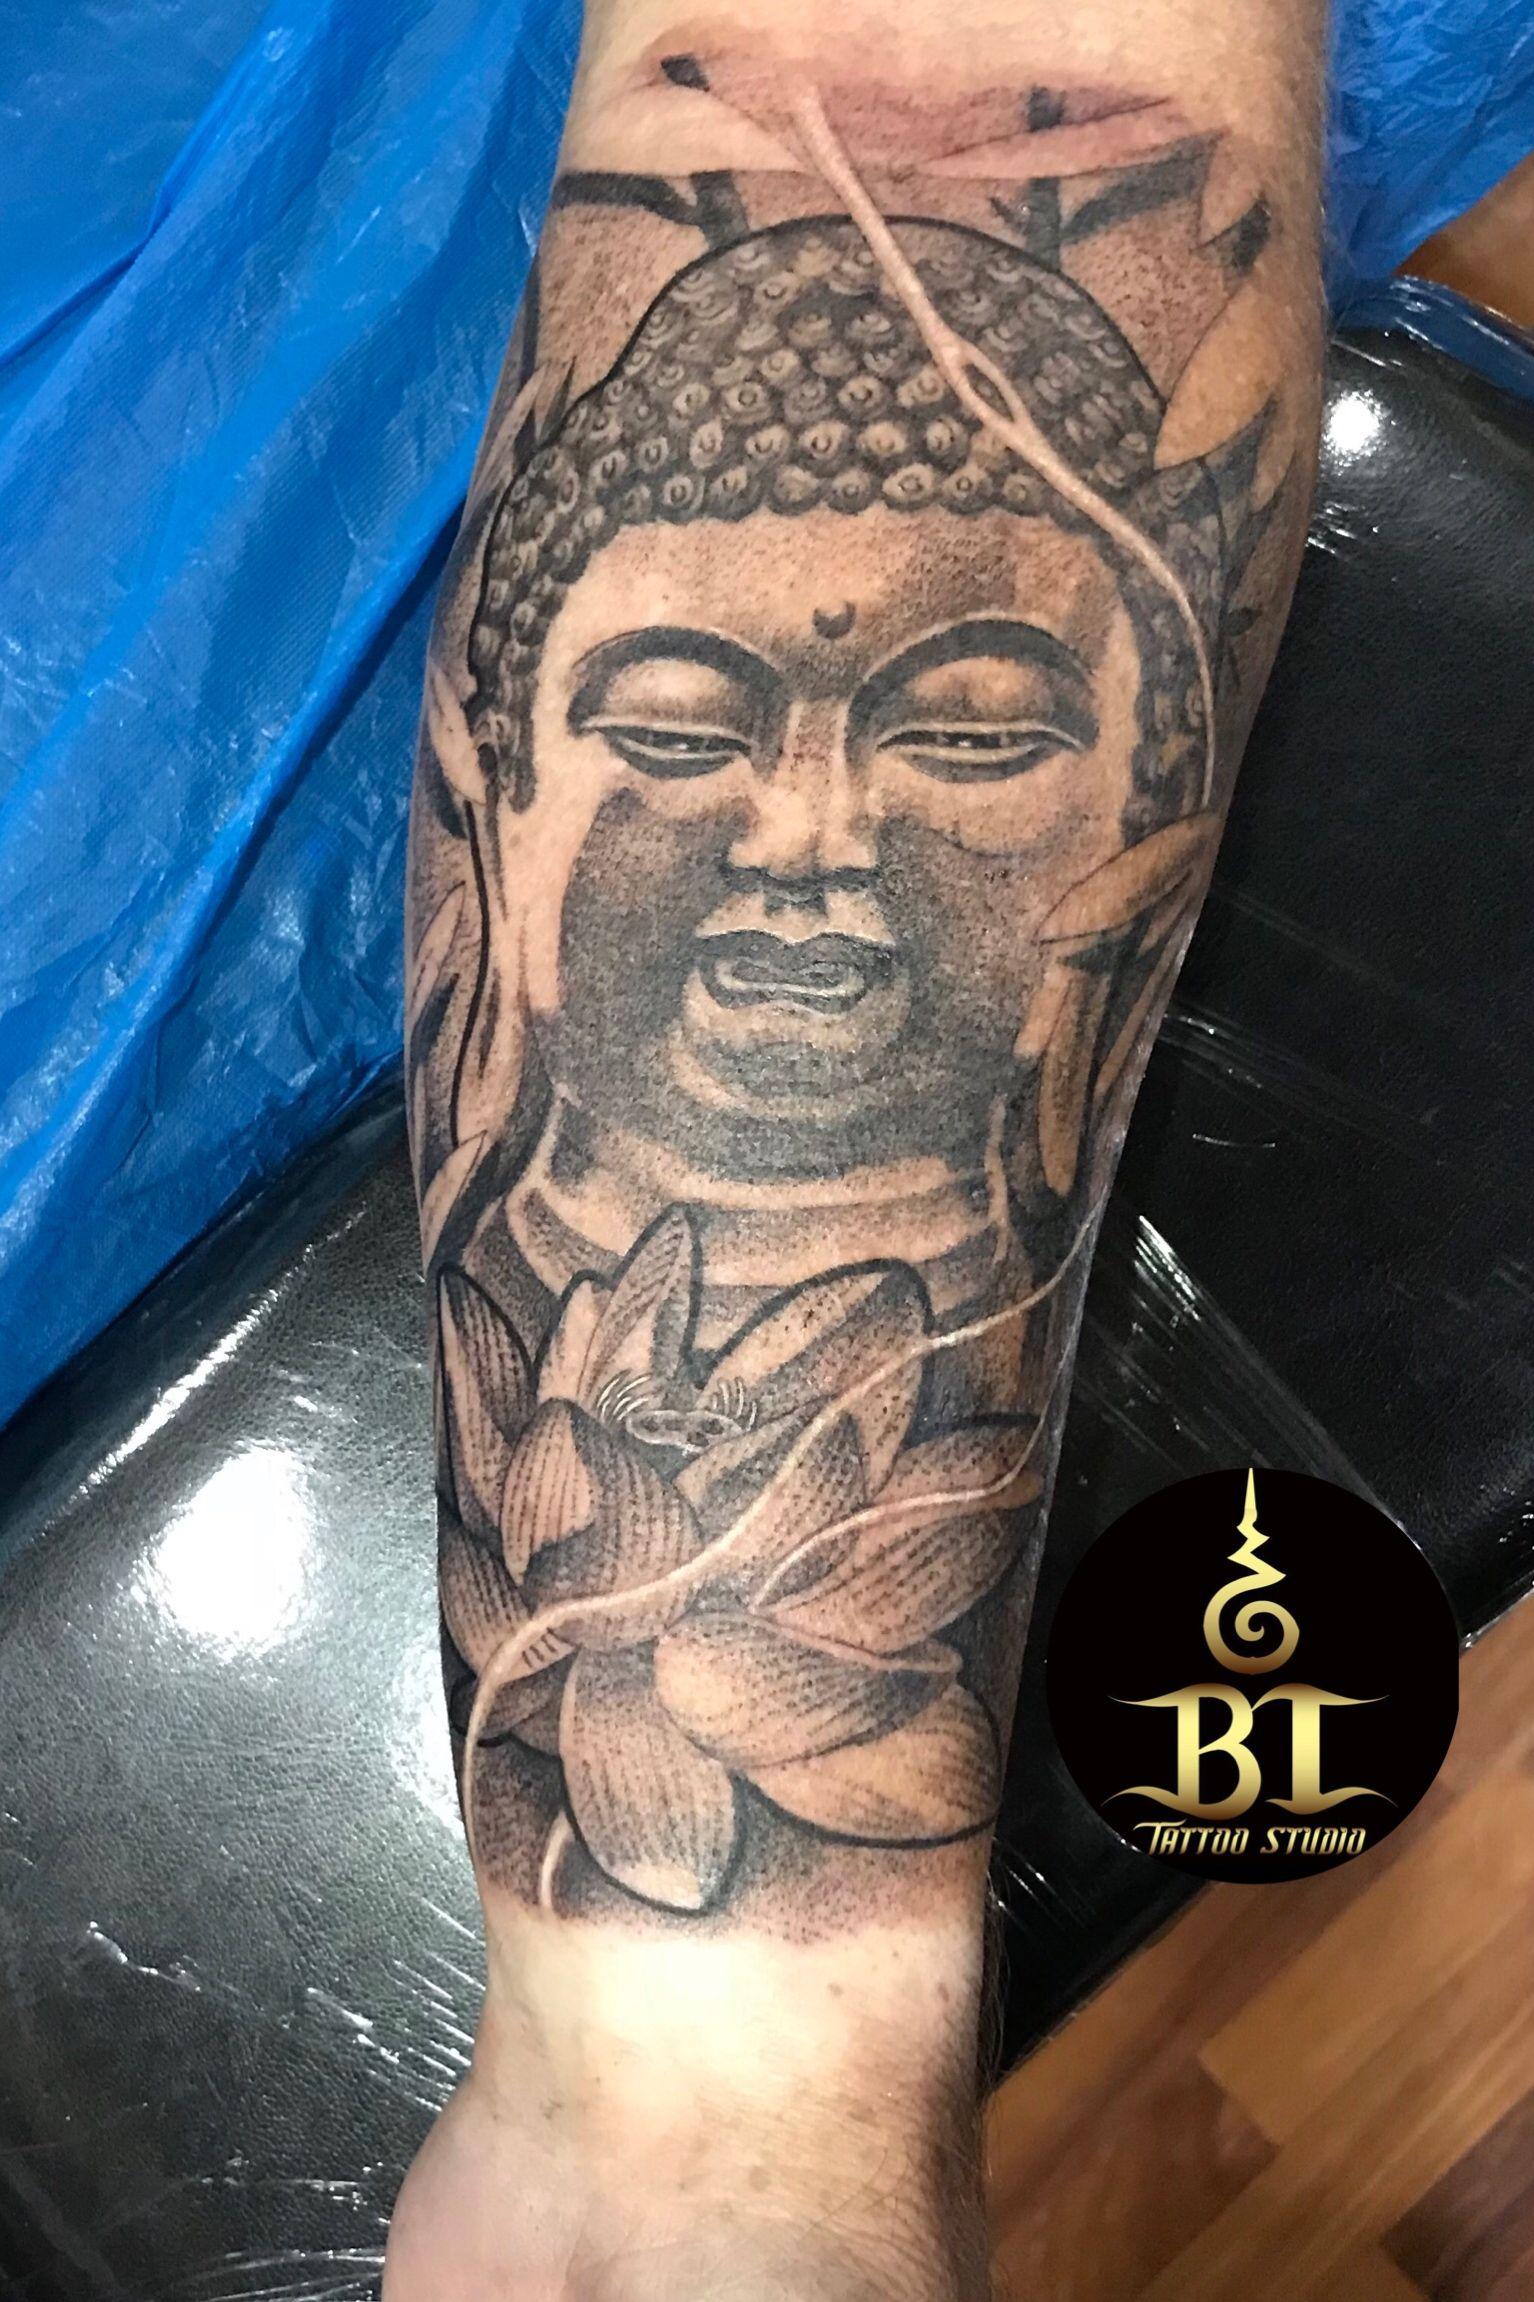 Henna Tattoo In Bangkok: E Done Buddha Tattoo By Ya(www.bt-tattoo.com) #bttattoo